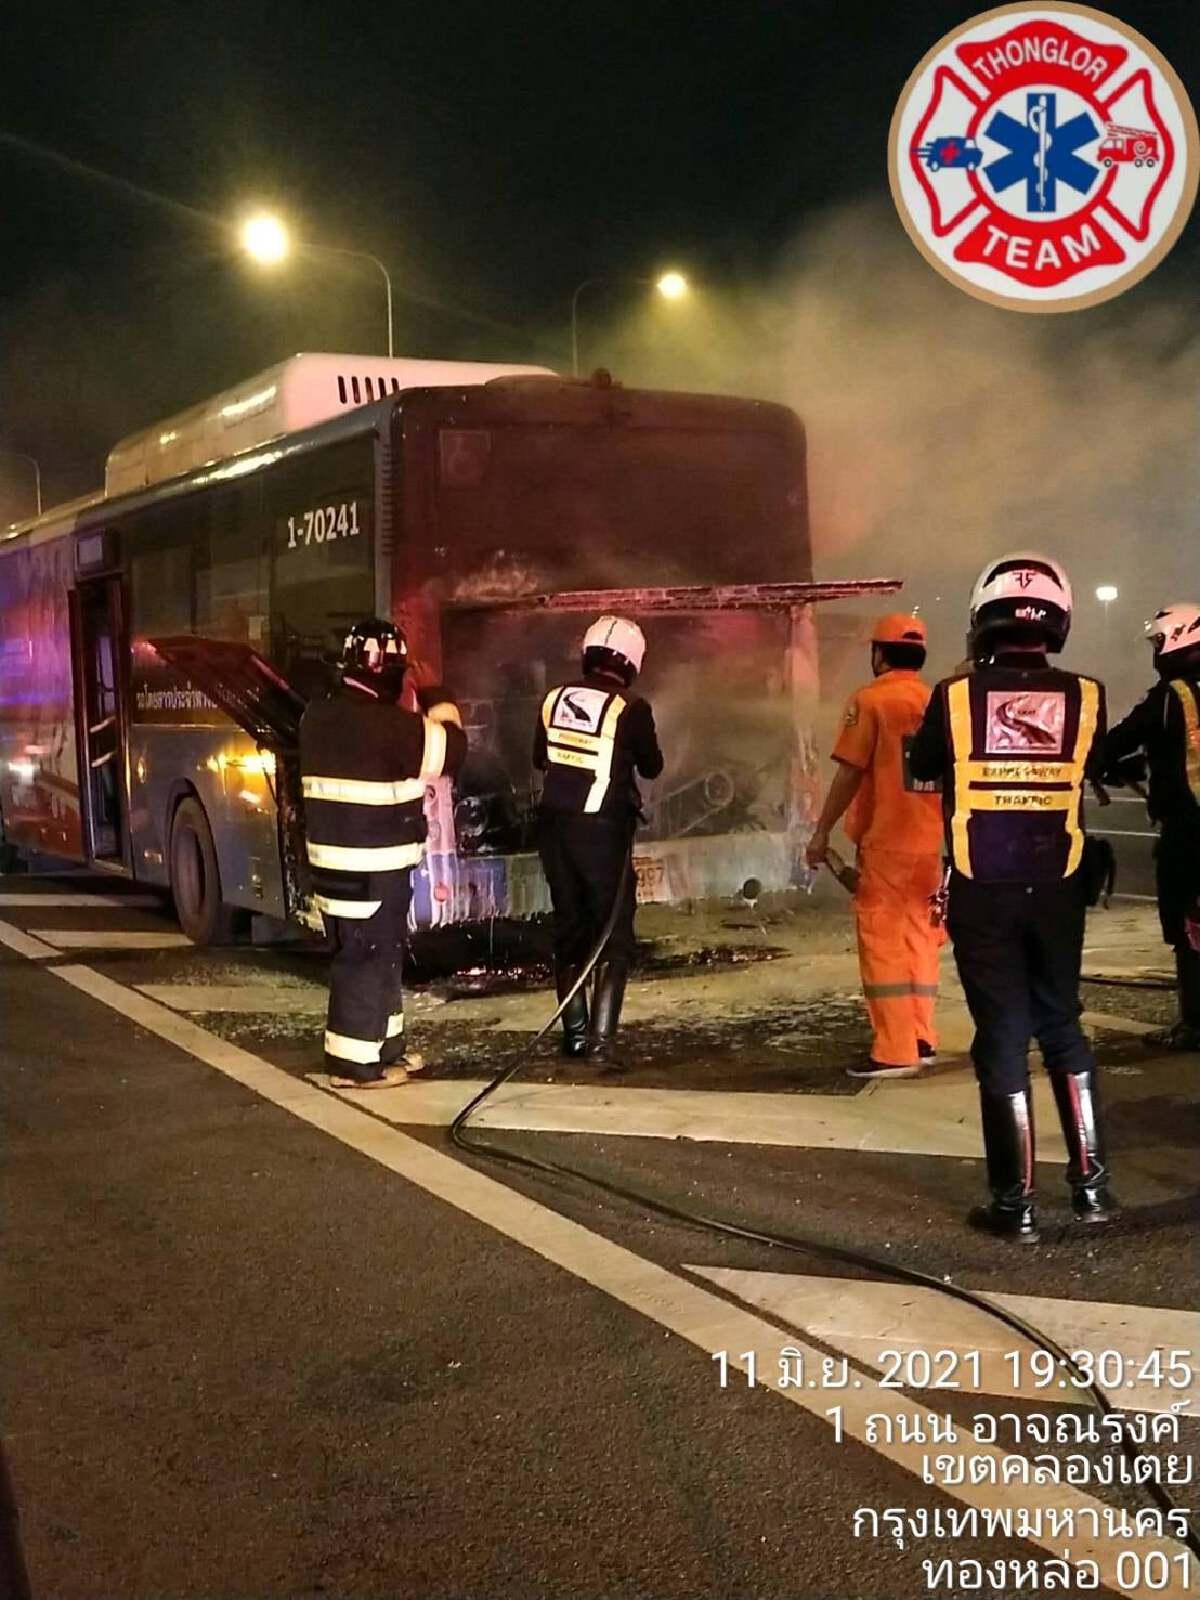 รถเมล์ไฟไหม้บนทางด่วนทางขึ้นท่าเรือ